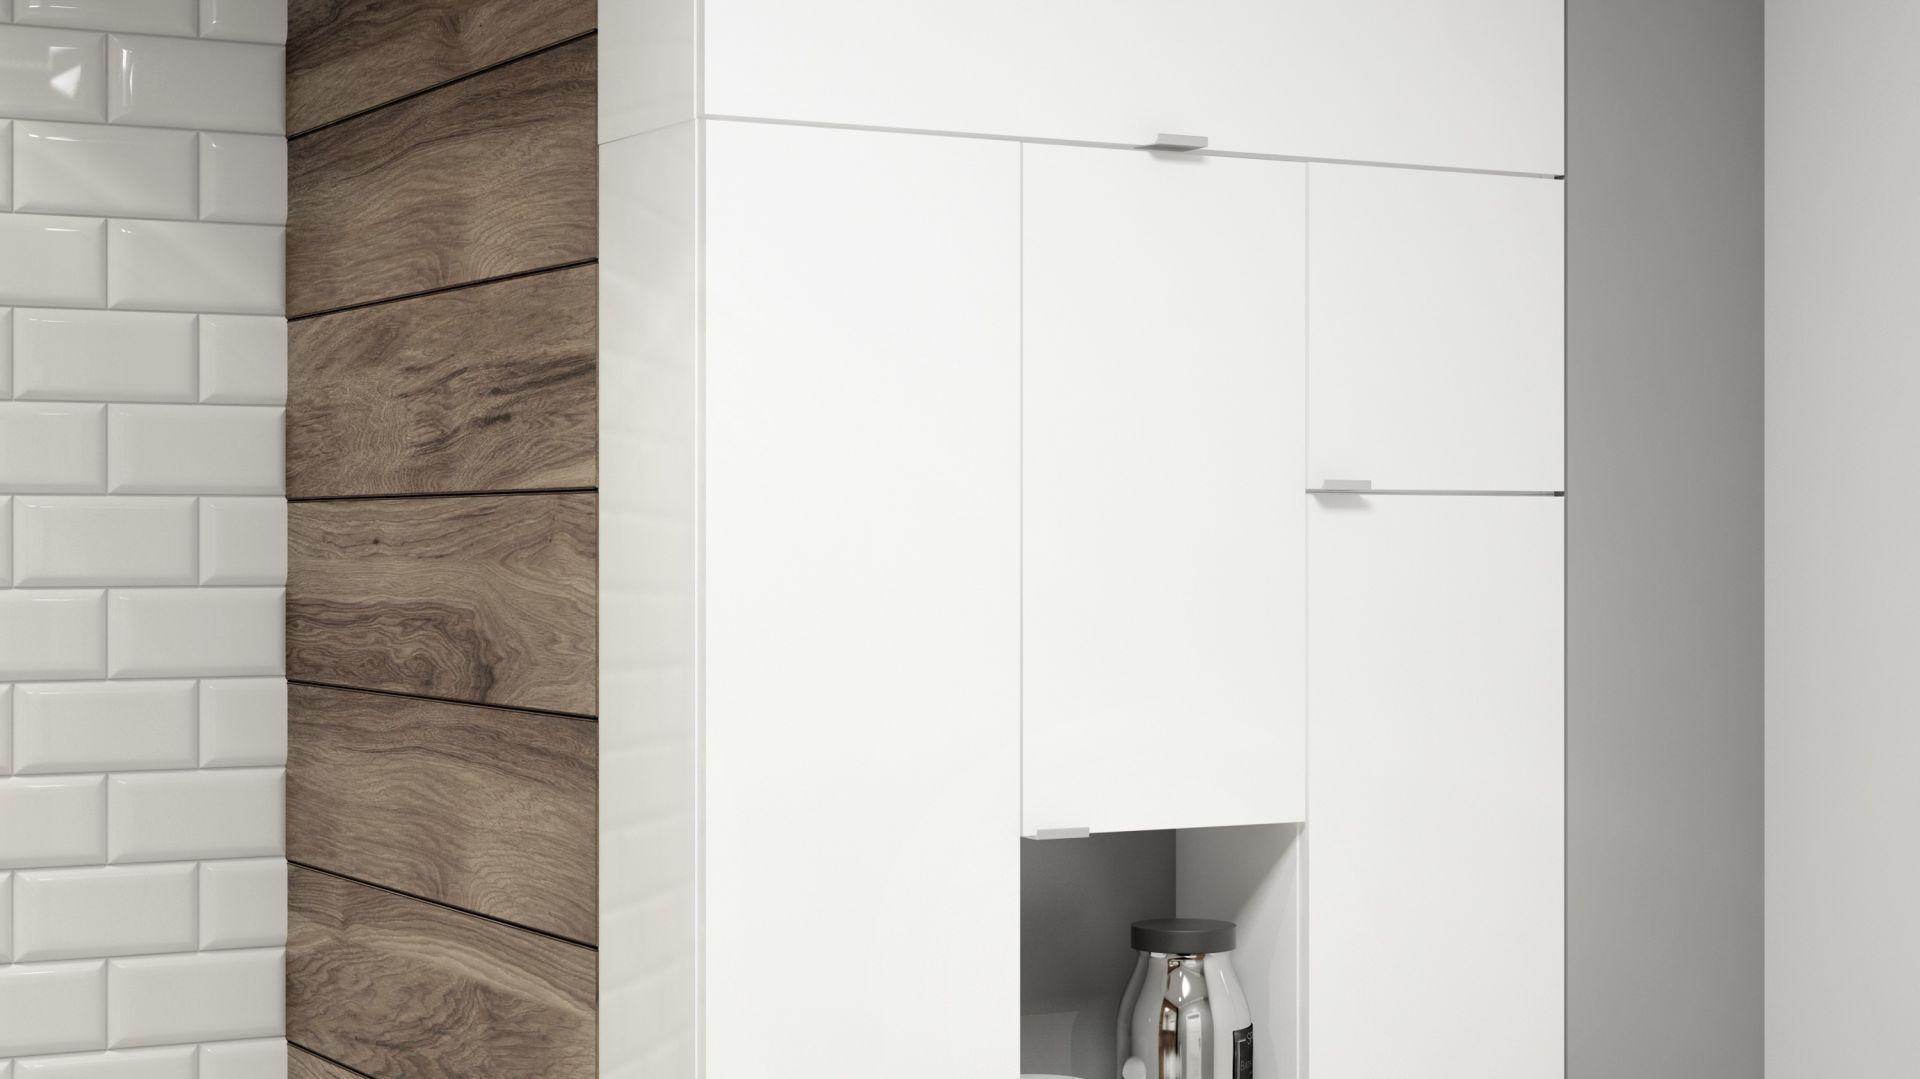 W łazienkach, w których każdy centymetr jest na wagę złota warto także rozważyć możliwość zastosowania mebli modułowych. Kolekcja mebli Multi Open. Fot. NAS